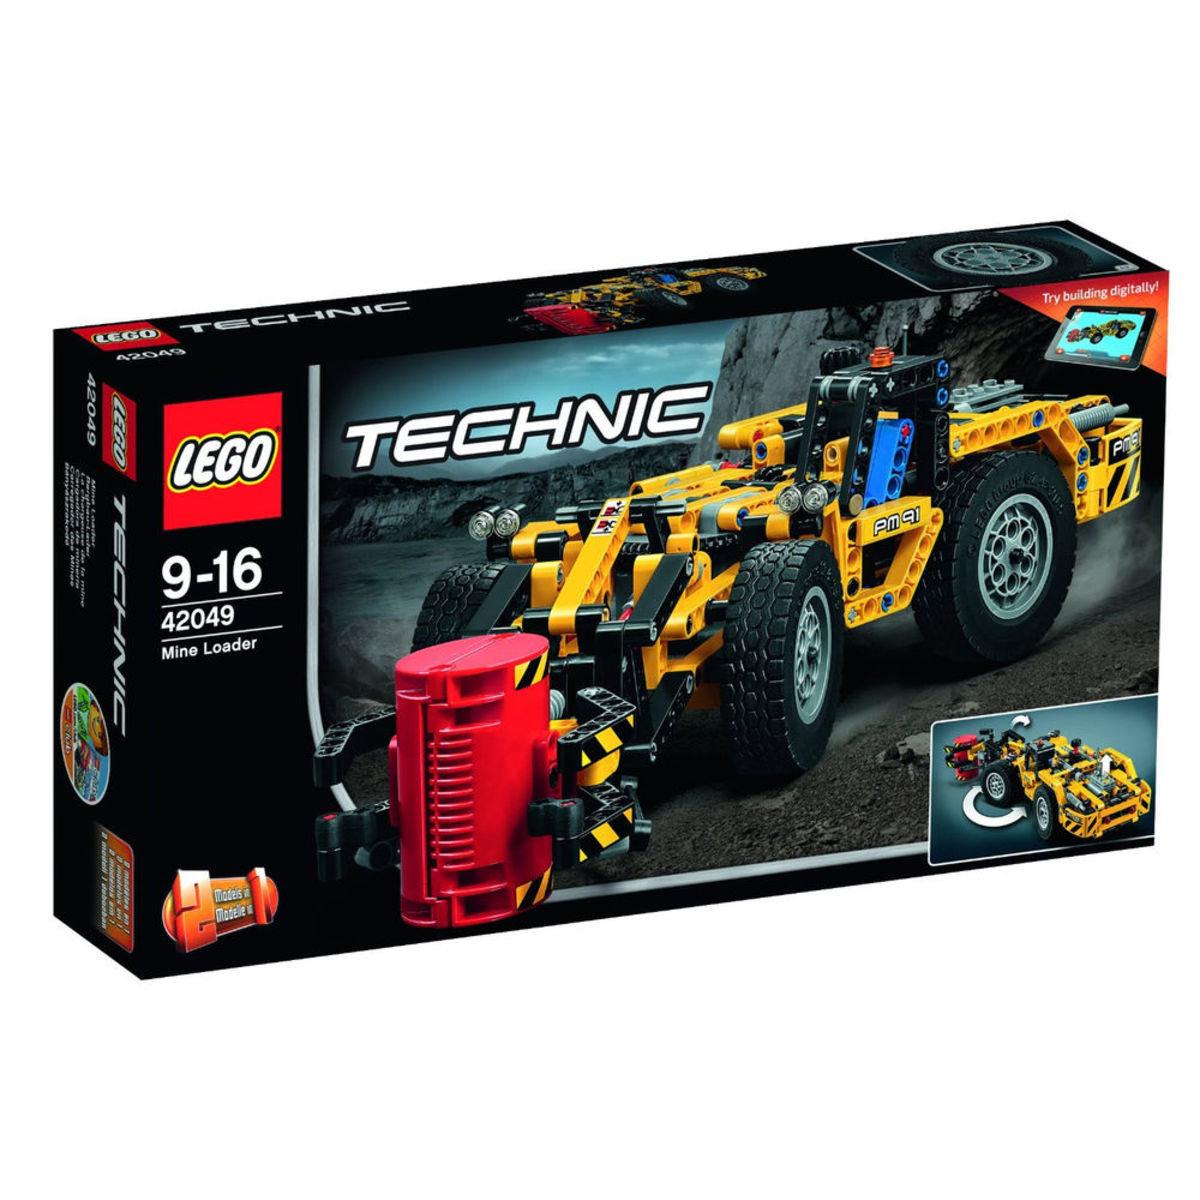 42049 Technic 礦用裝載機